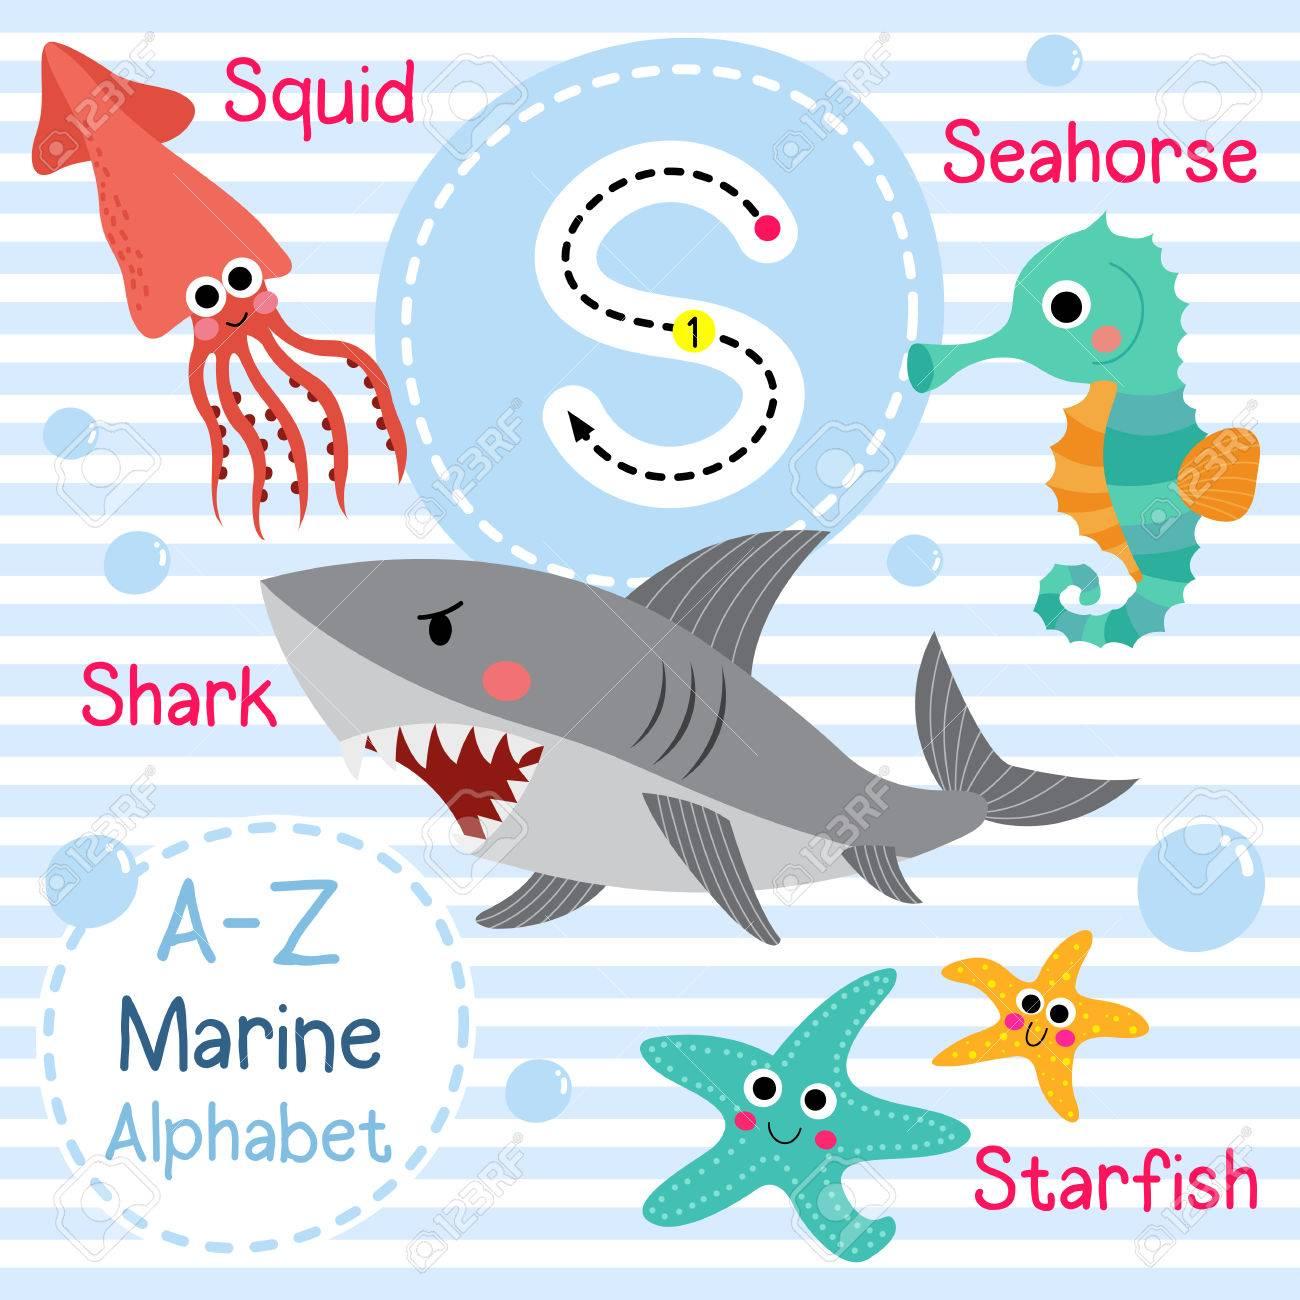 S Carta De Rastreo Tiburón Calamar Estrella De Mar Caballo De